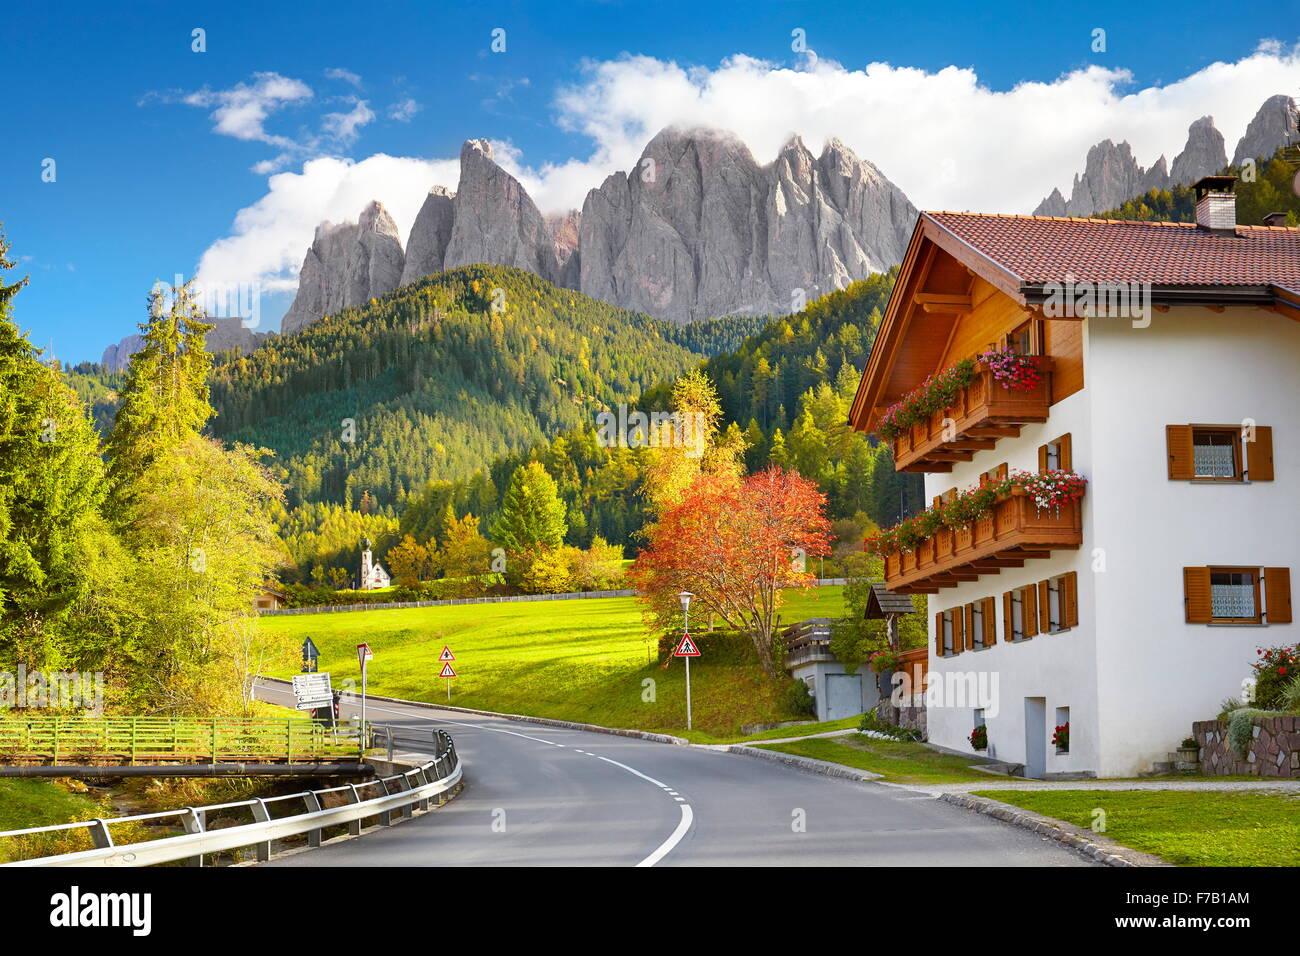 Val di Funes, Provincia del Tirolo, alpi, Dolomiti, Italia Immagini Stock